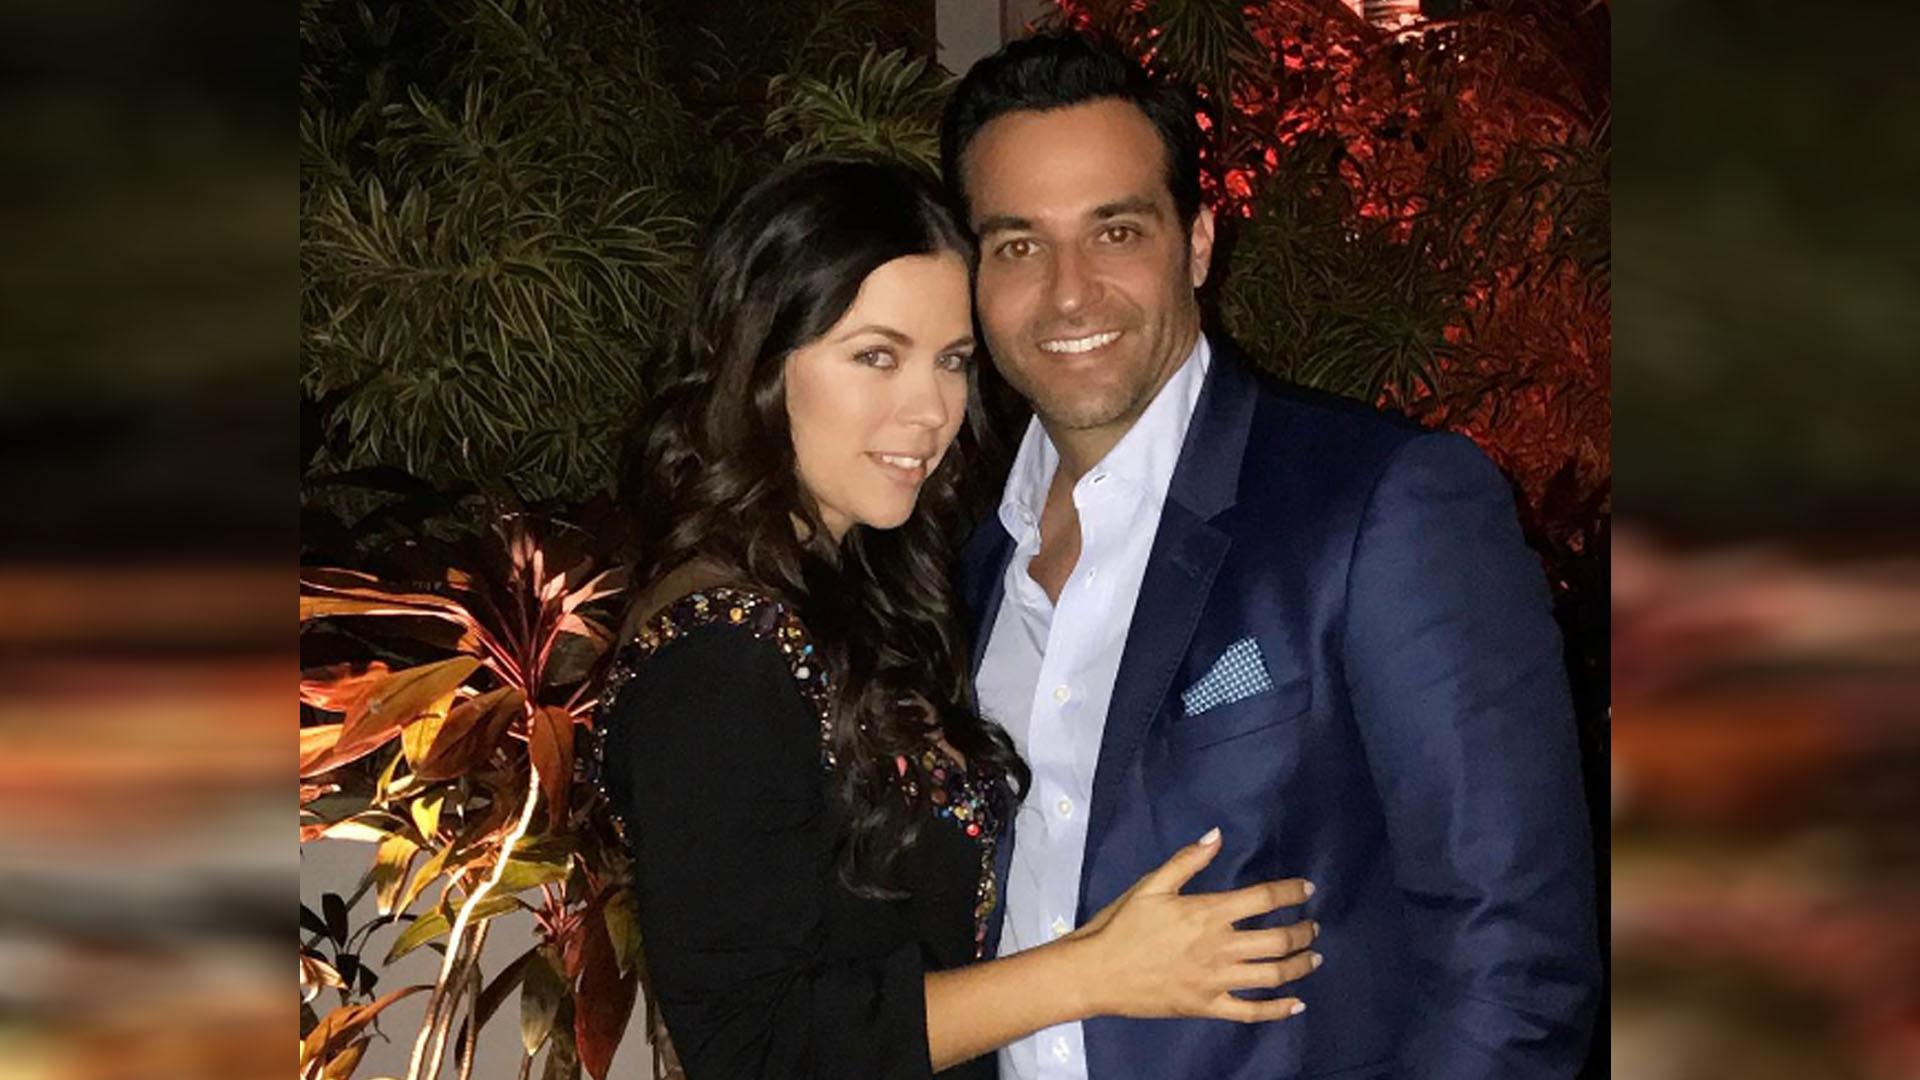 Matrimonio Ximena Duque : Ximena duque contó quién la llevará al altar y más